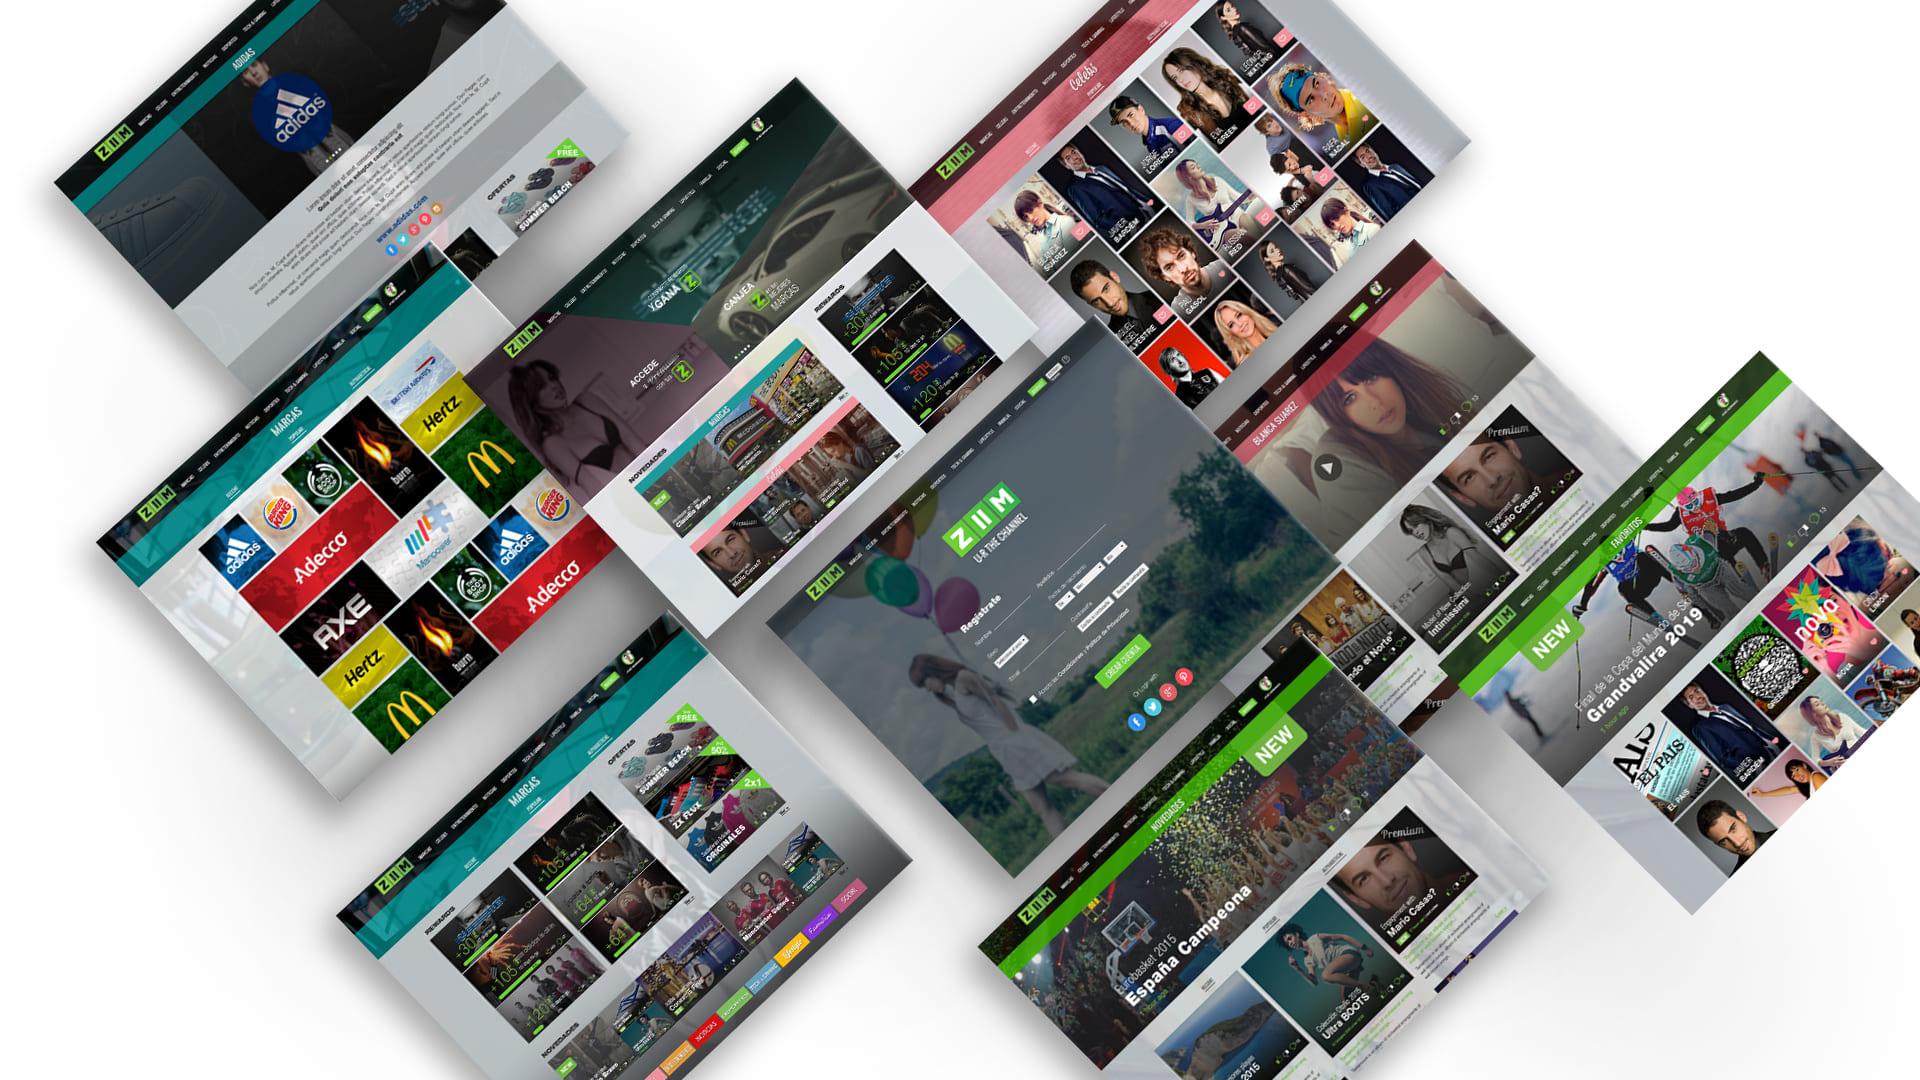 Zona kamaleon - ZIIM diseño web